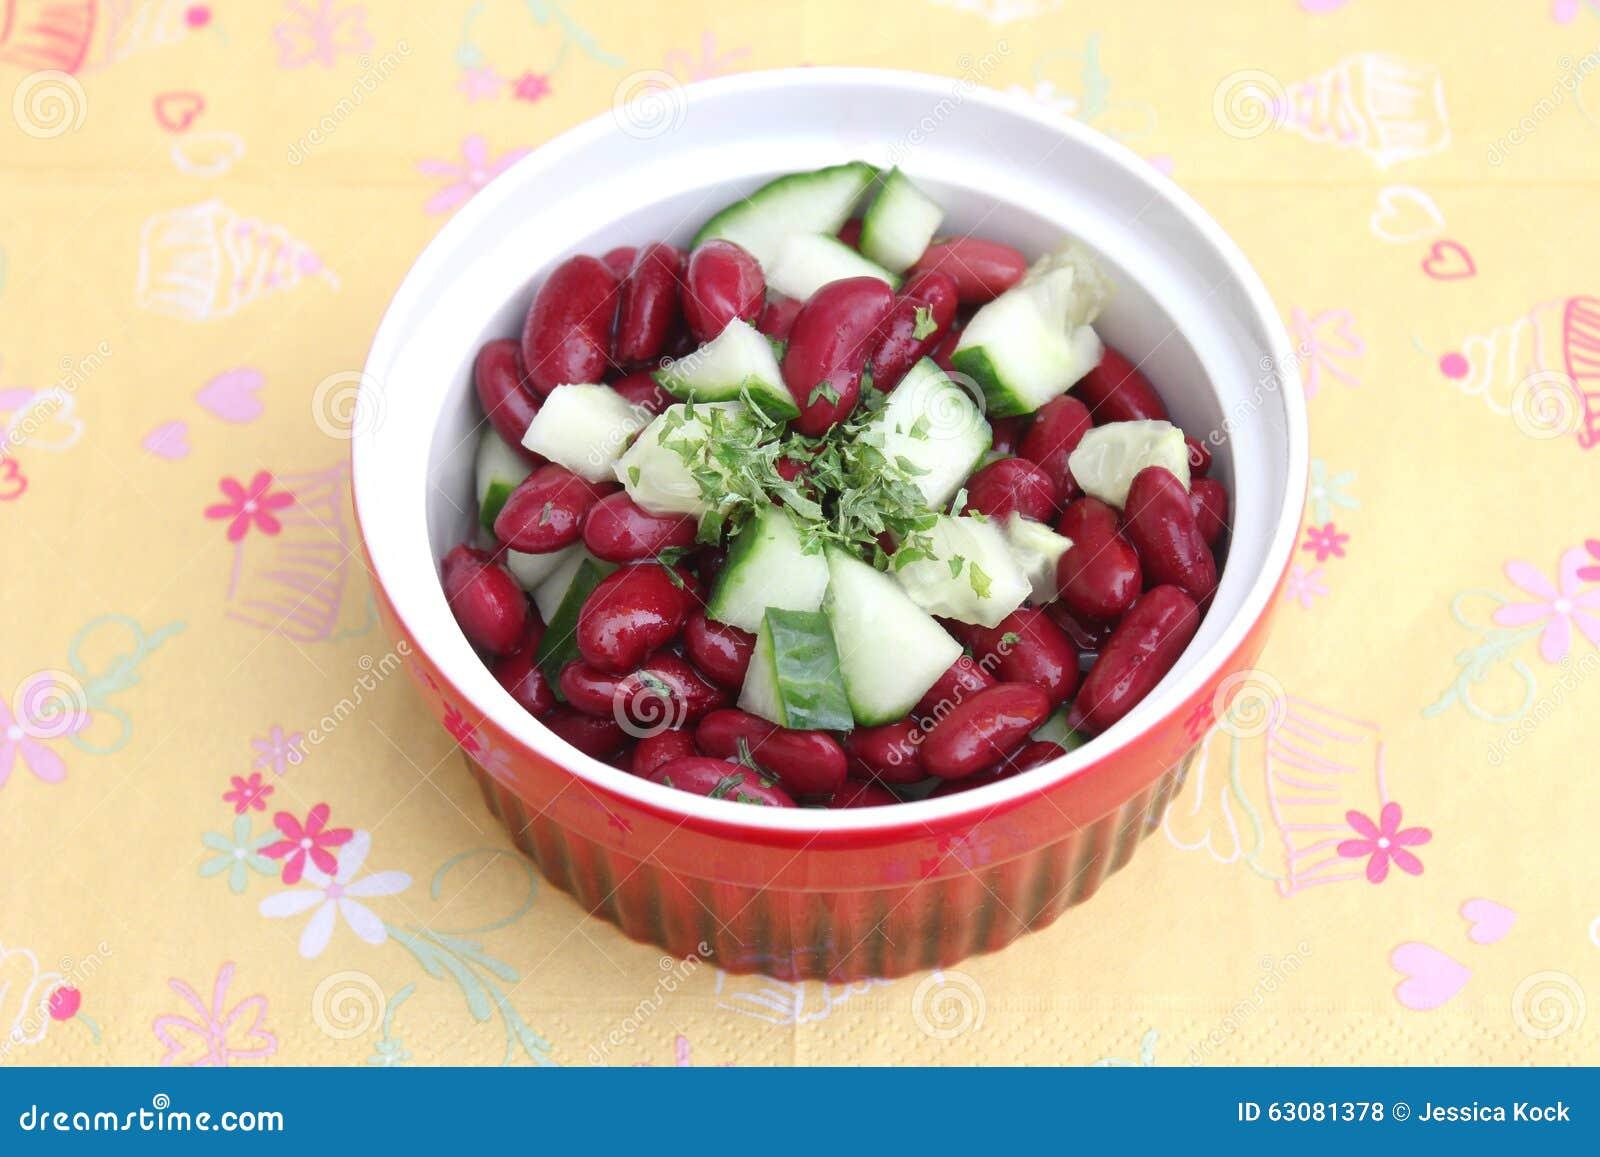 Download Salade des haricots photo stock. Image du végétarien - 63081378